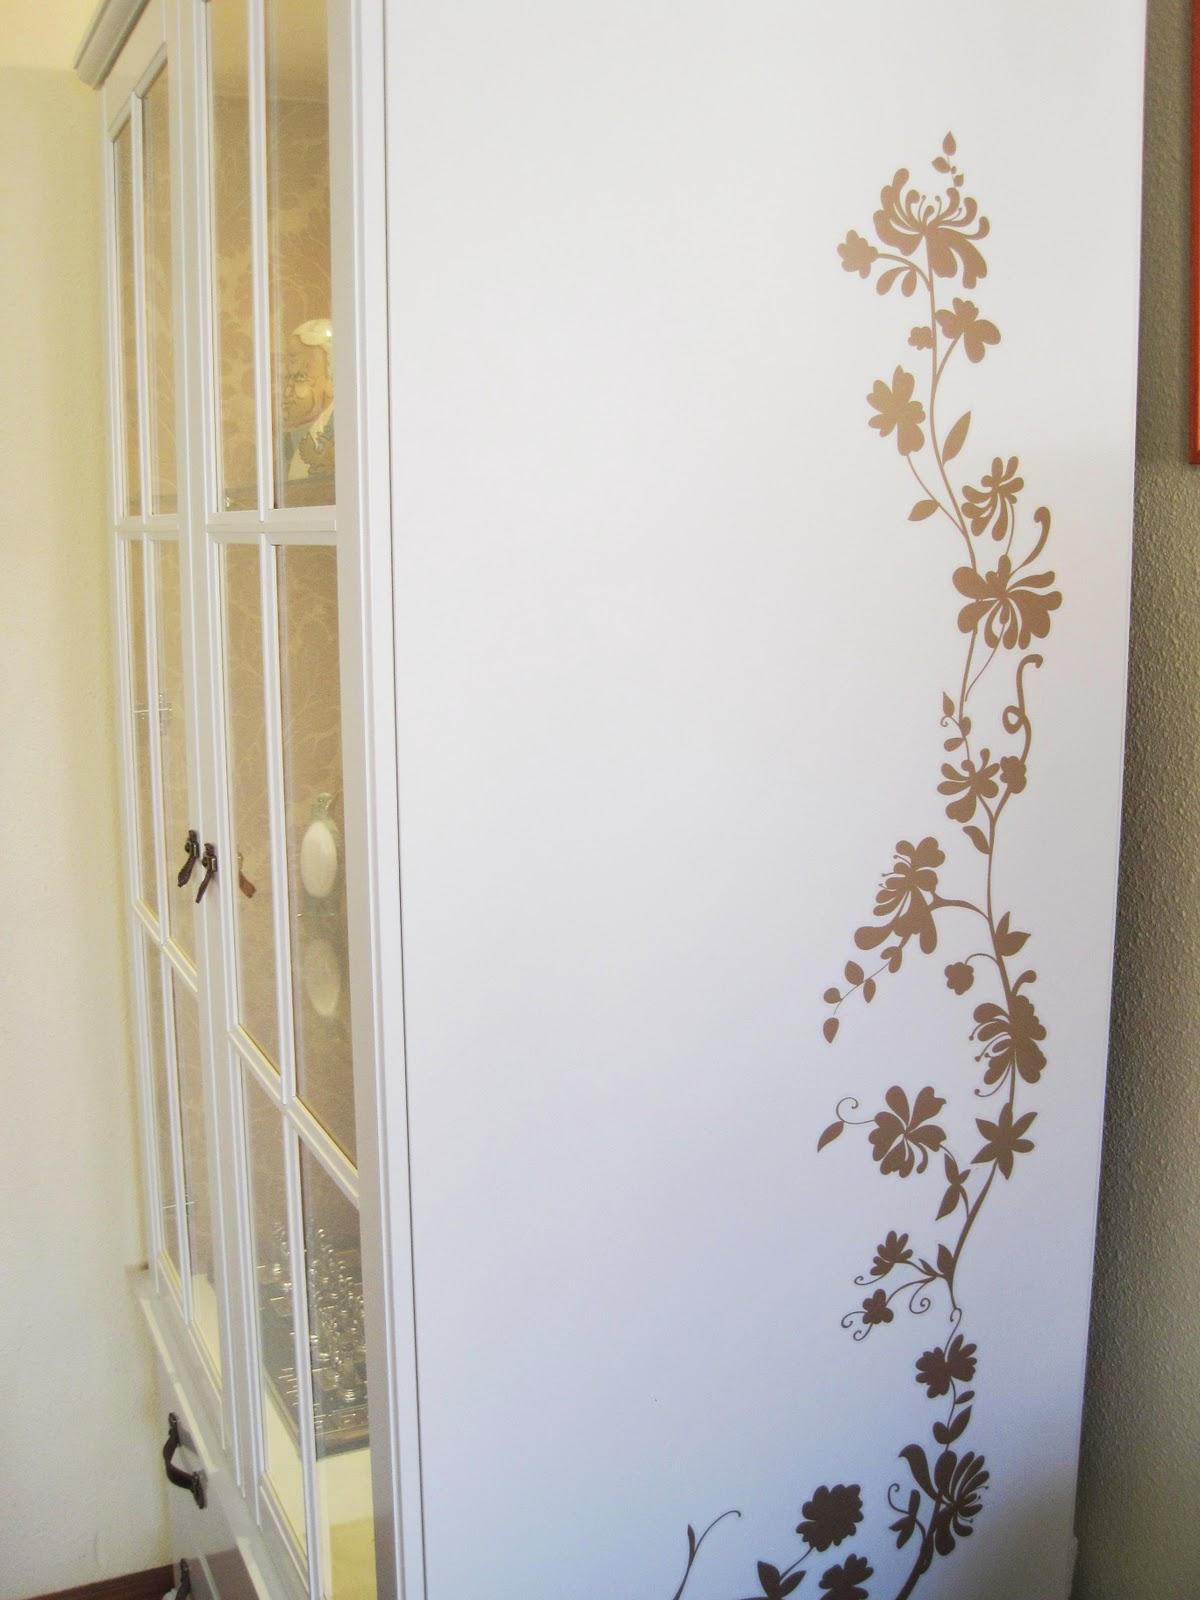 Ikea hack antes y despu s del armario birkeland de - Vinilos para decorar armarios ...